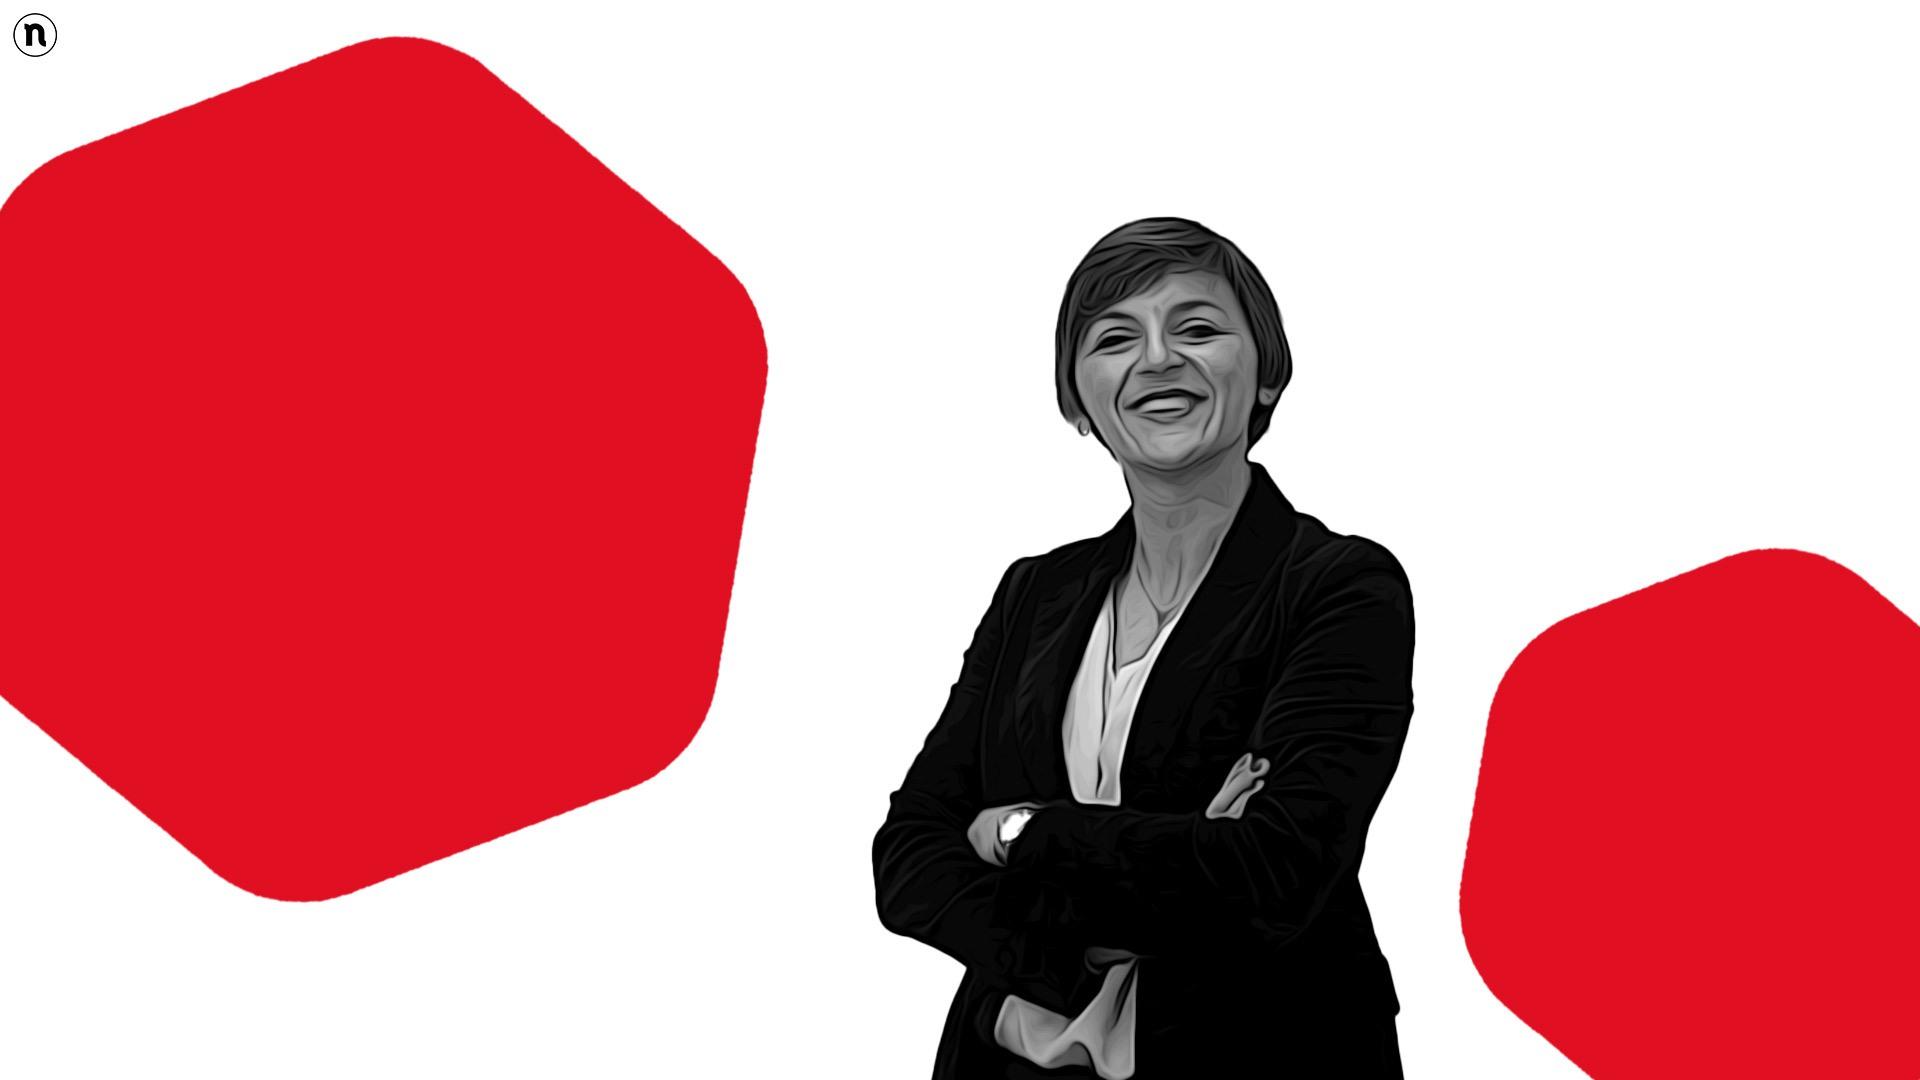 La nuova campagna di Indesit ci chiede una maggiore collaborazione domestica